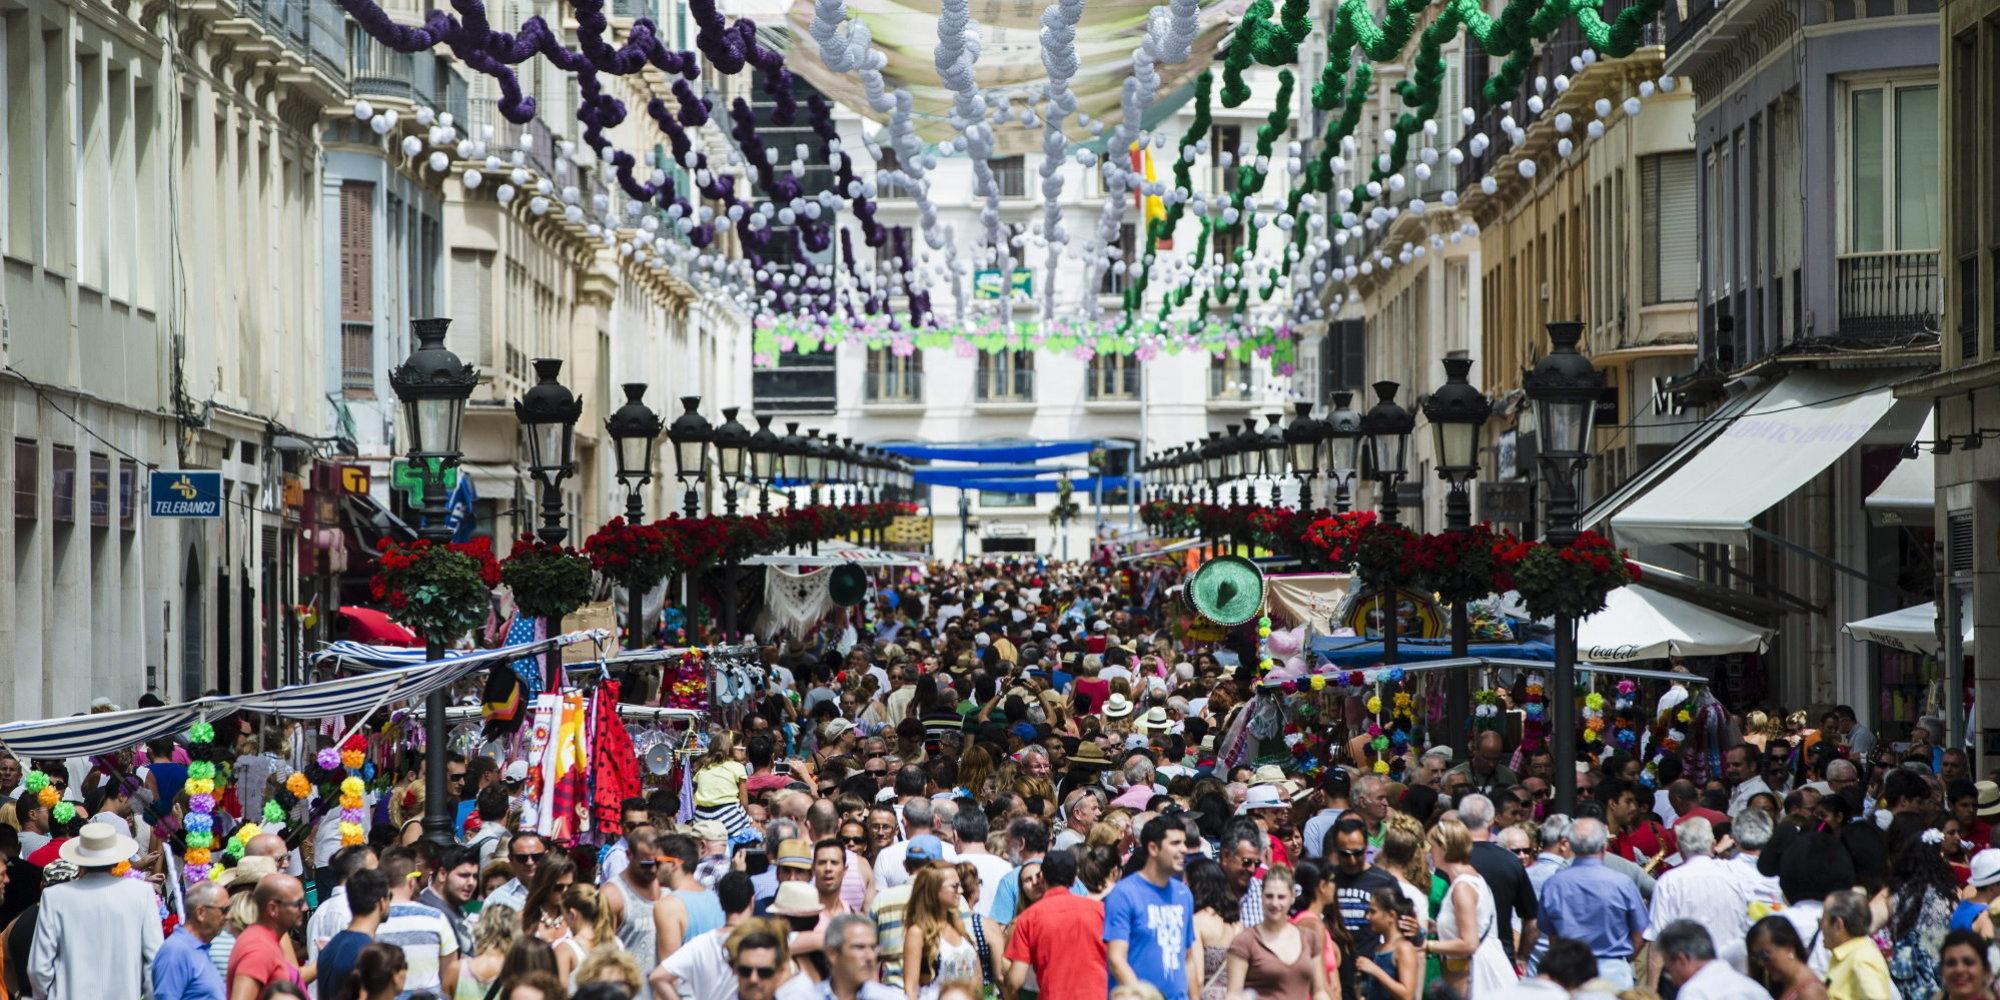 La mujer que denunci la violaci n en la feria de m laga for Feria outlet malaga 2017